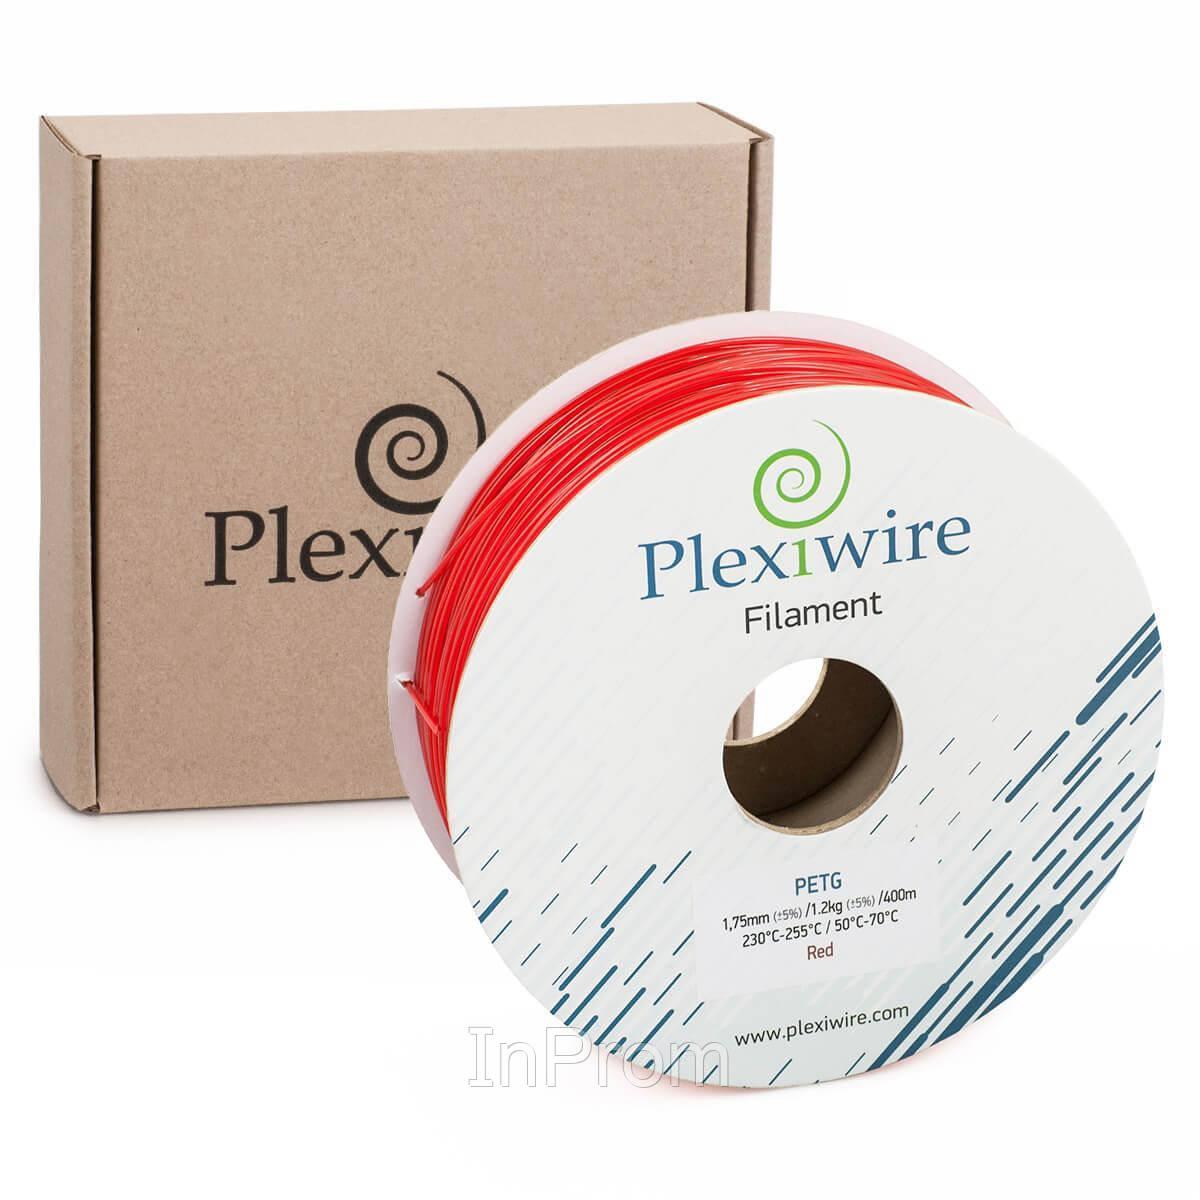 PETG пластик для 3D принтера красный 1,75мм (400м / 1,2кг)